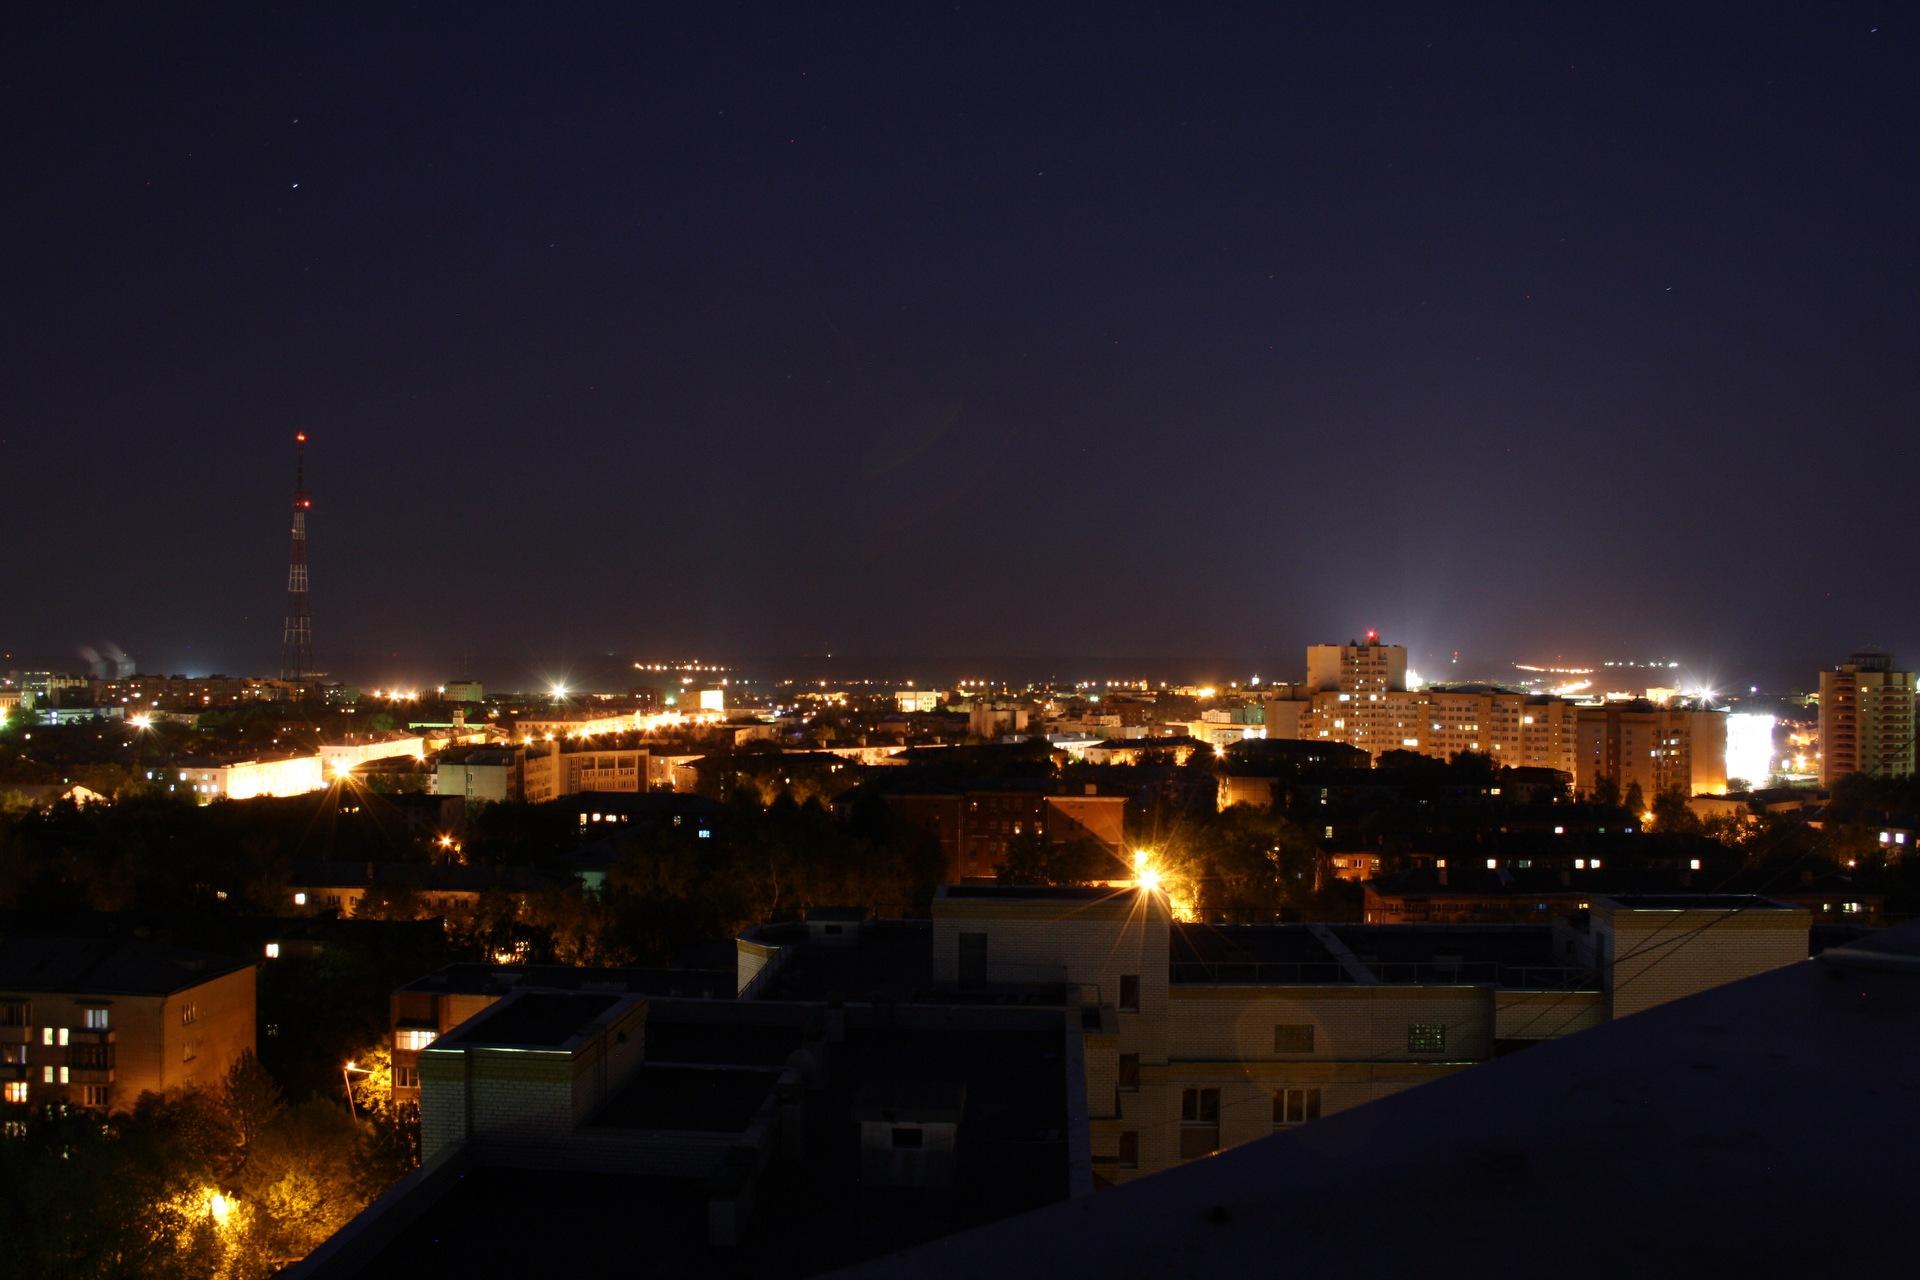 ночной мариуполь фото с крыш изоляторе